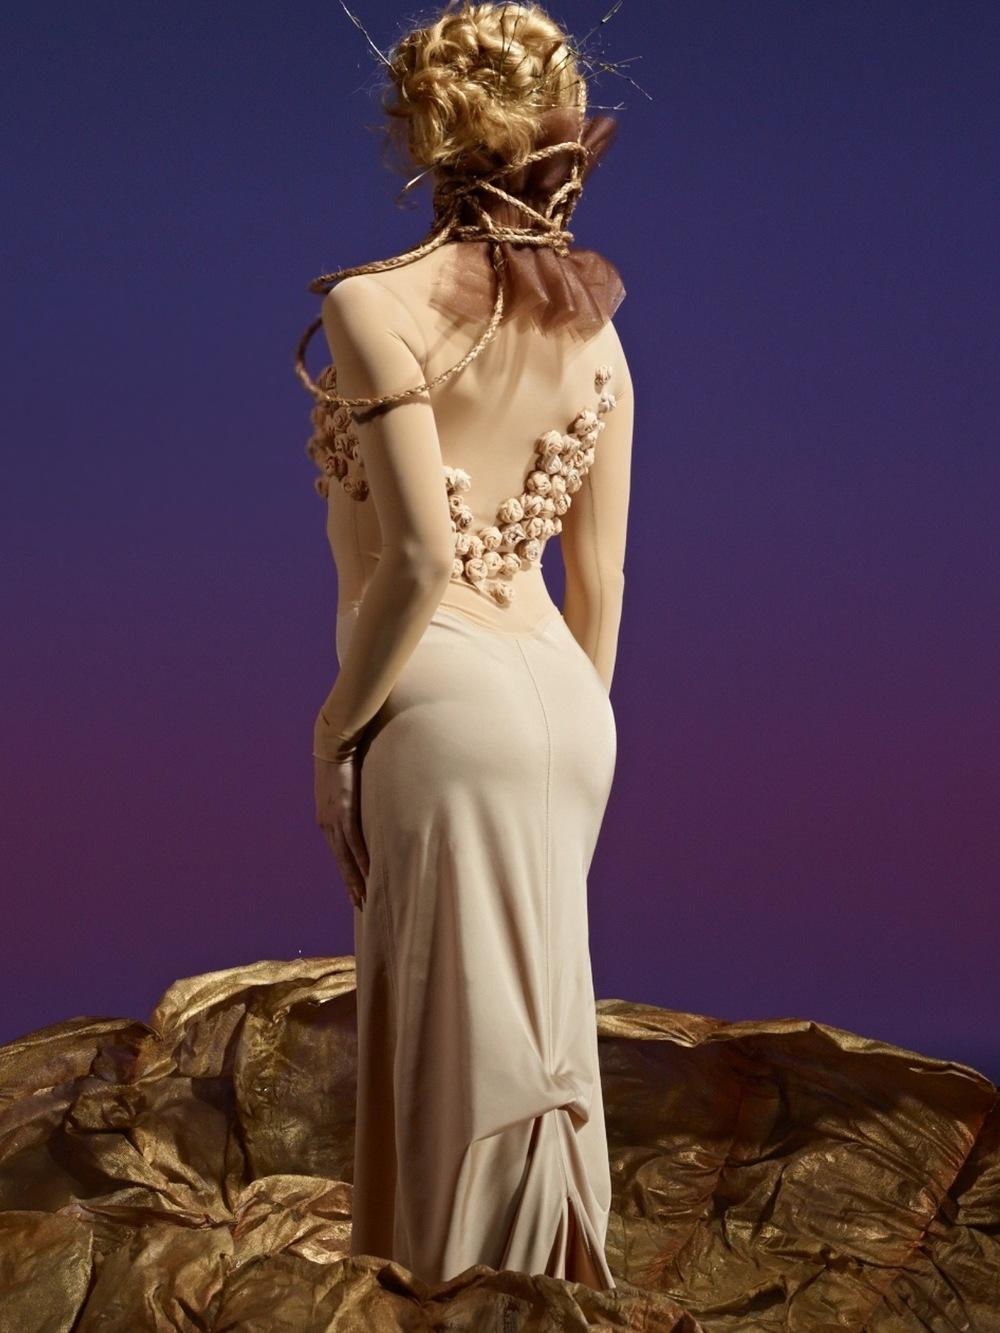 David DeSilva Photography. Erica Felsch, Smuin Ballet.